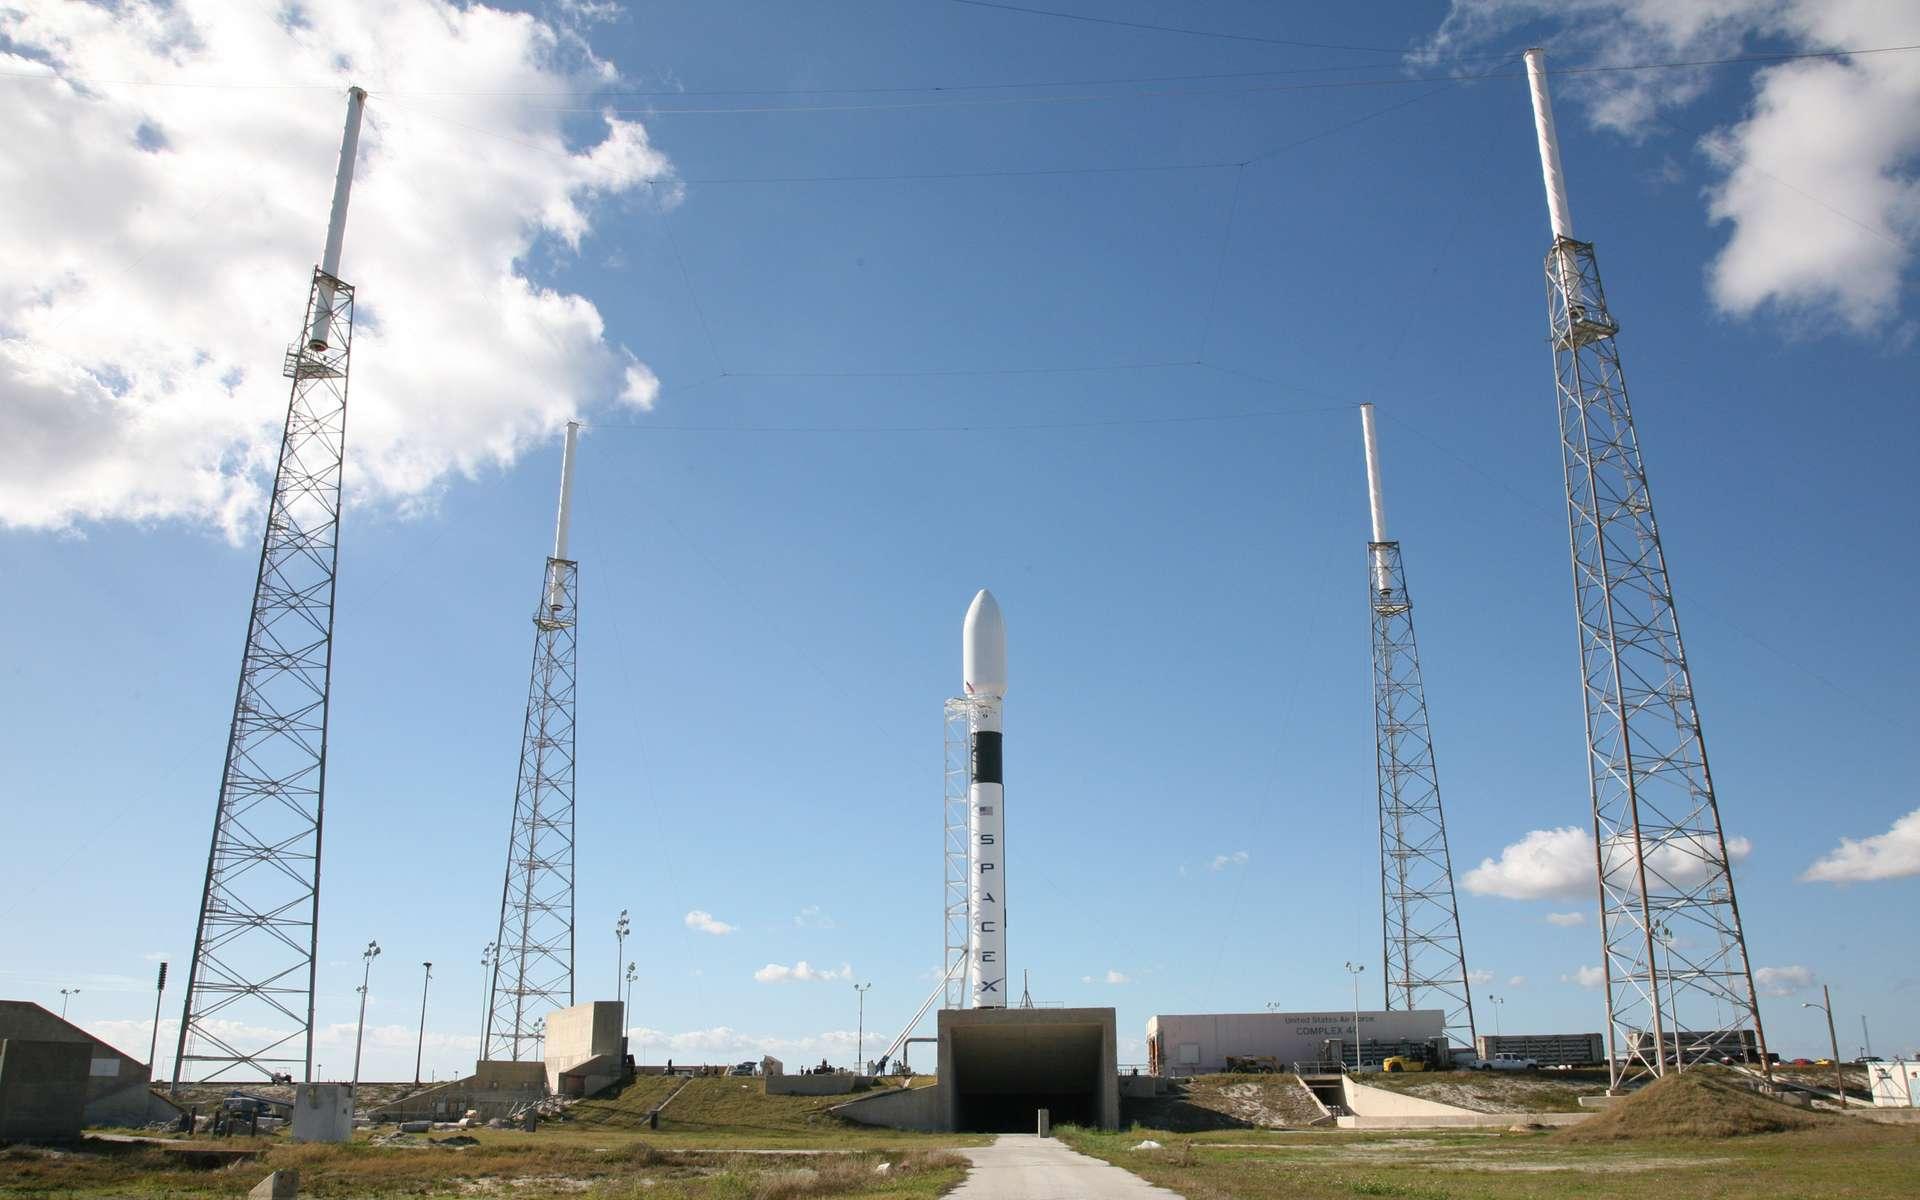 D'après une étude de la Nasa, le coût du développement du lanceur Falcon-9, que SpaceX compte utiliser pour lancer des Hommes et ravitailler l'ISS, revient moins cher que si la Nasa en avait la maîtrise d'œuvre. © SpaceX